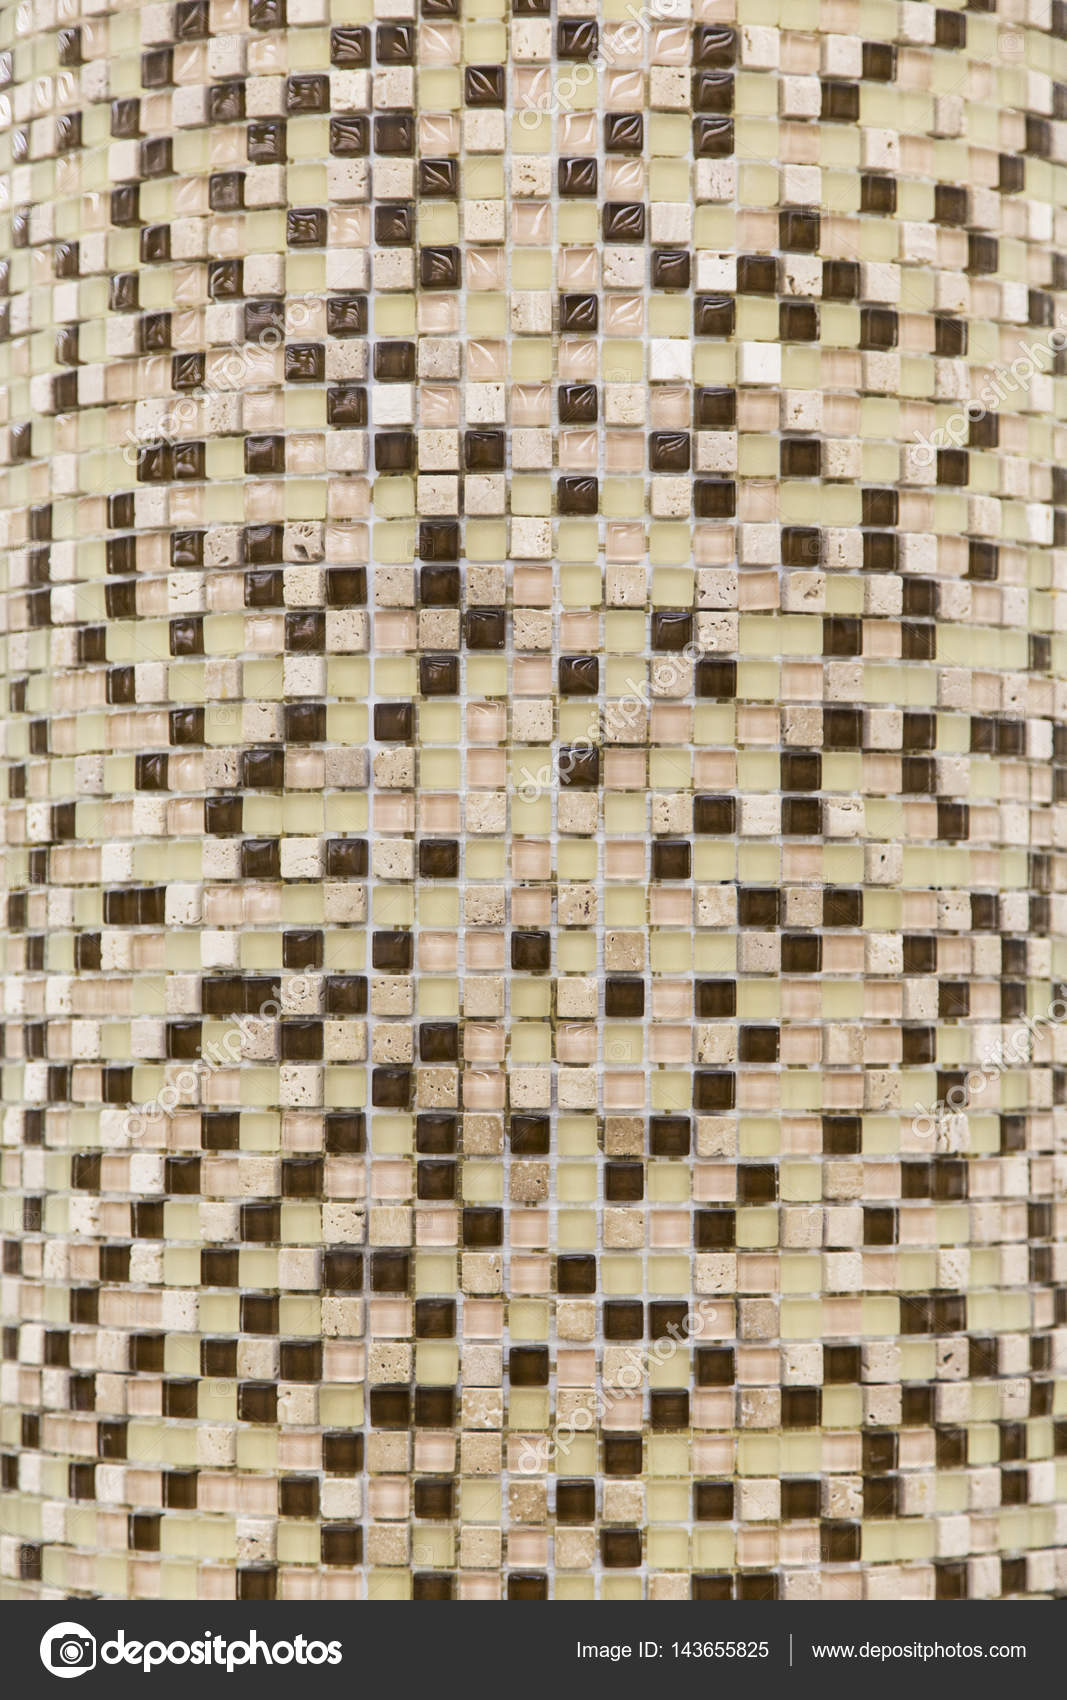 Mosaik Fliesen Hintergrund. Mosaik Dekoration U2014 Stockfoto